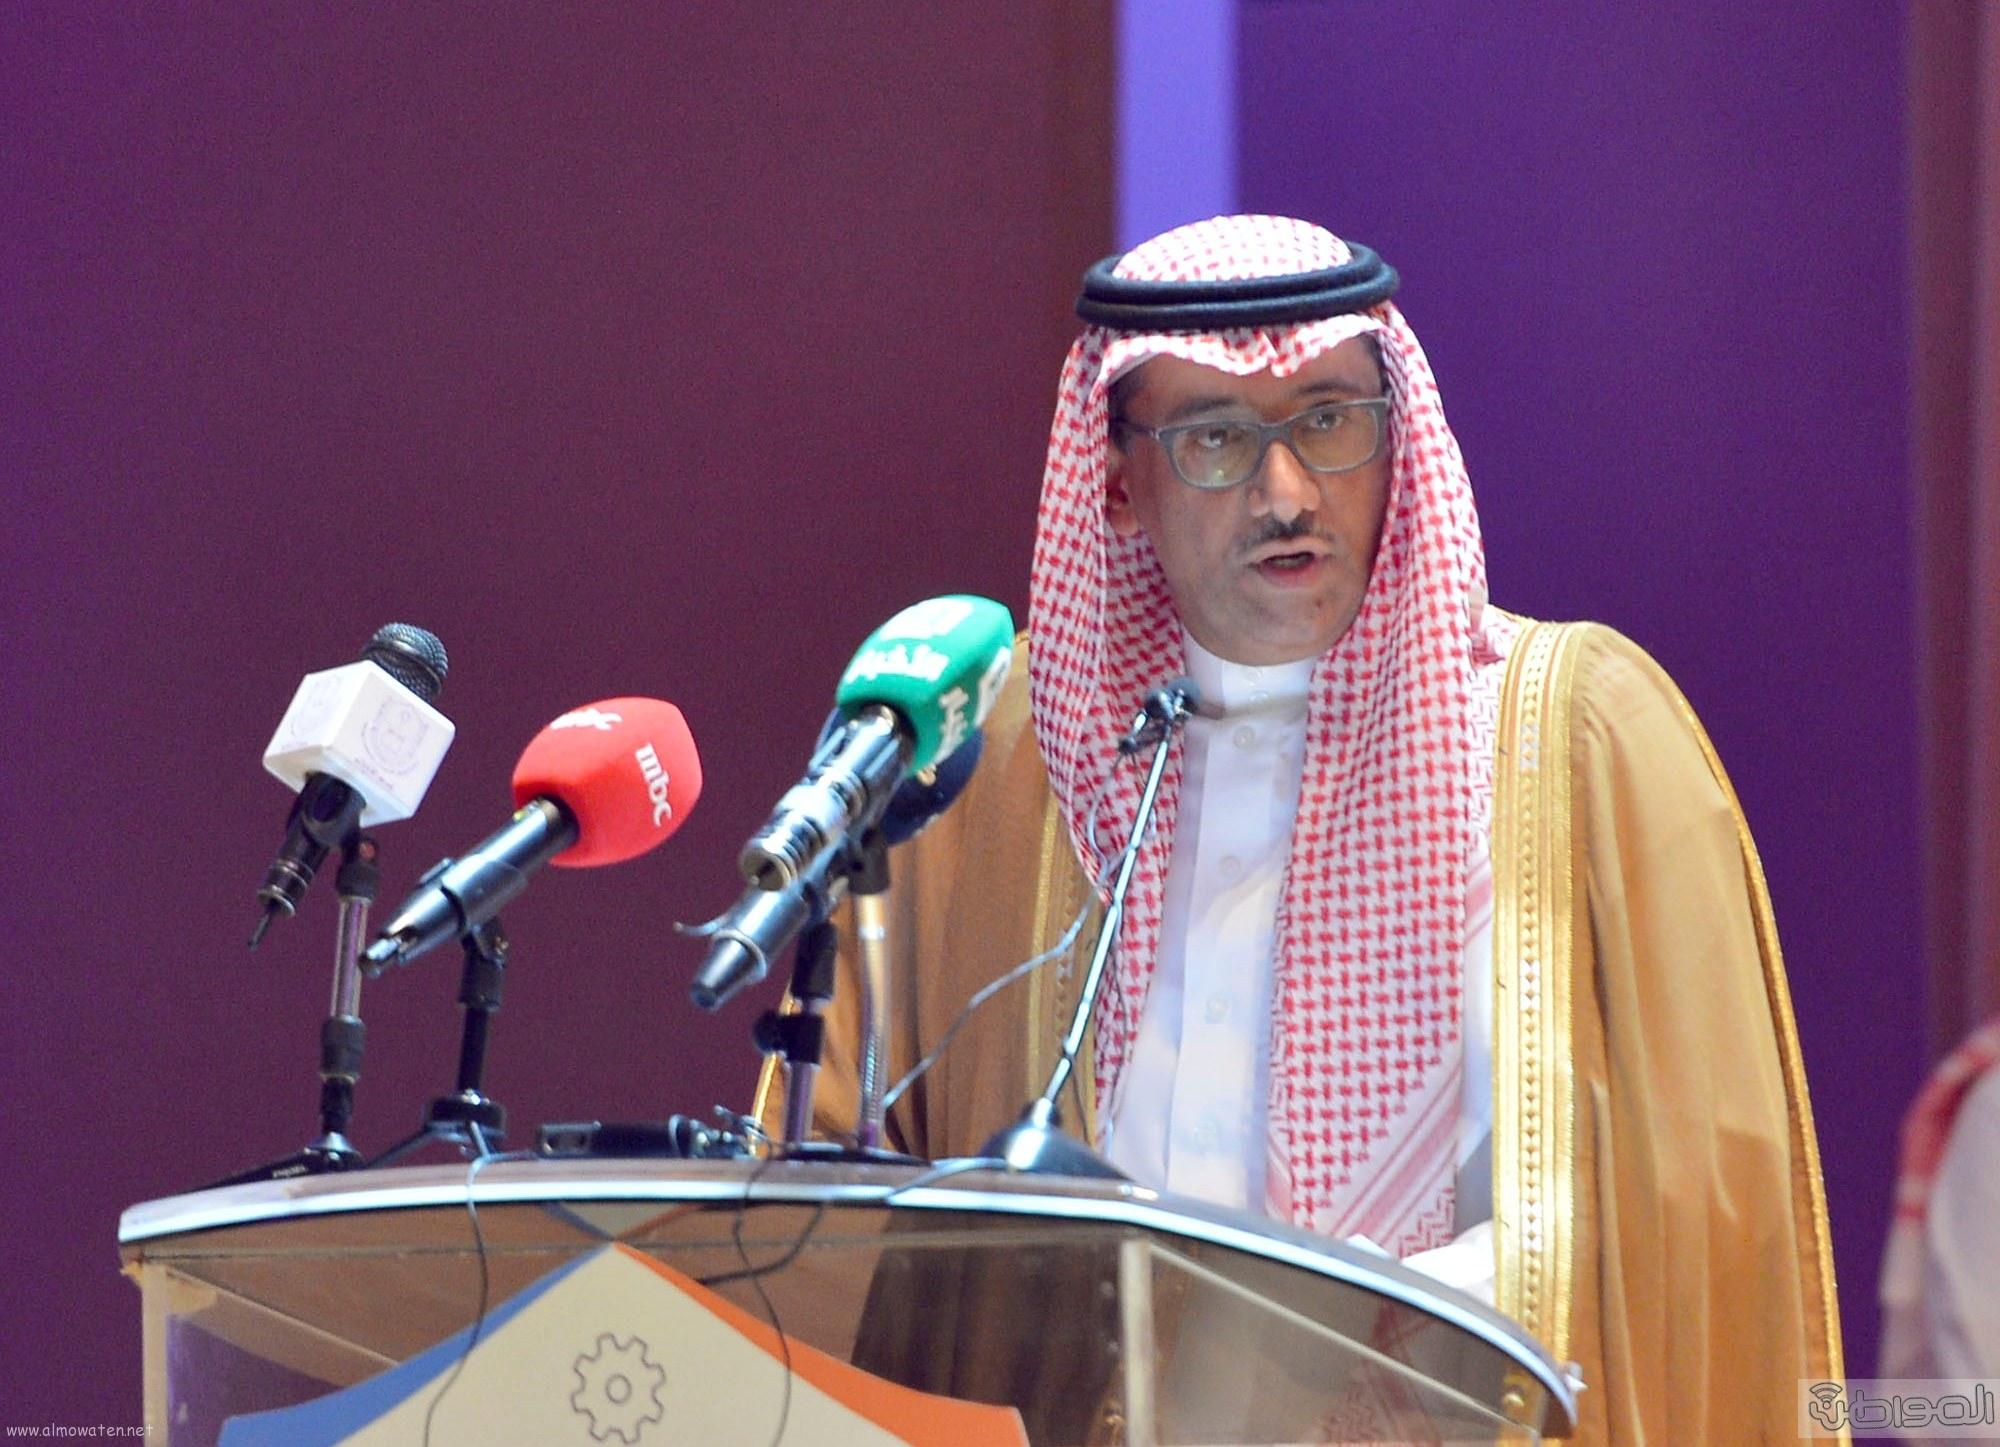 امير الرياض خلال رعاية طموح ملك لمستقبل وطن (11)